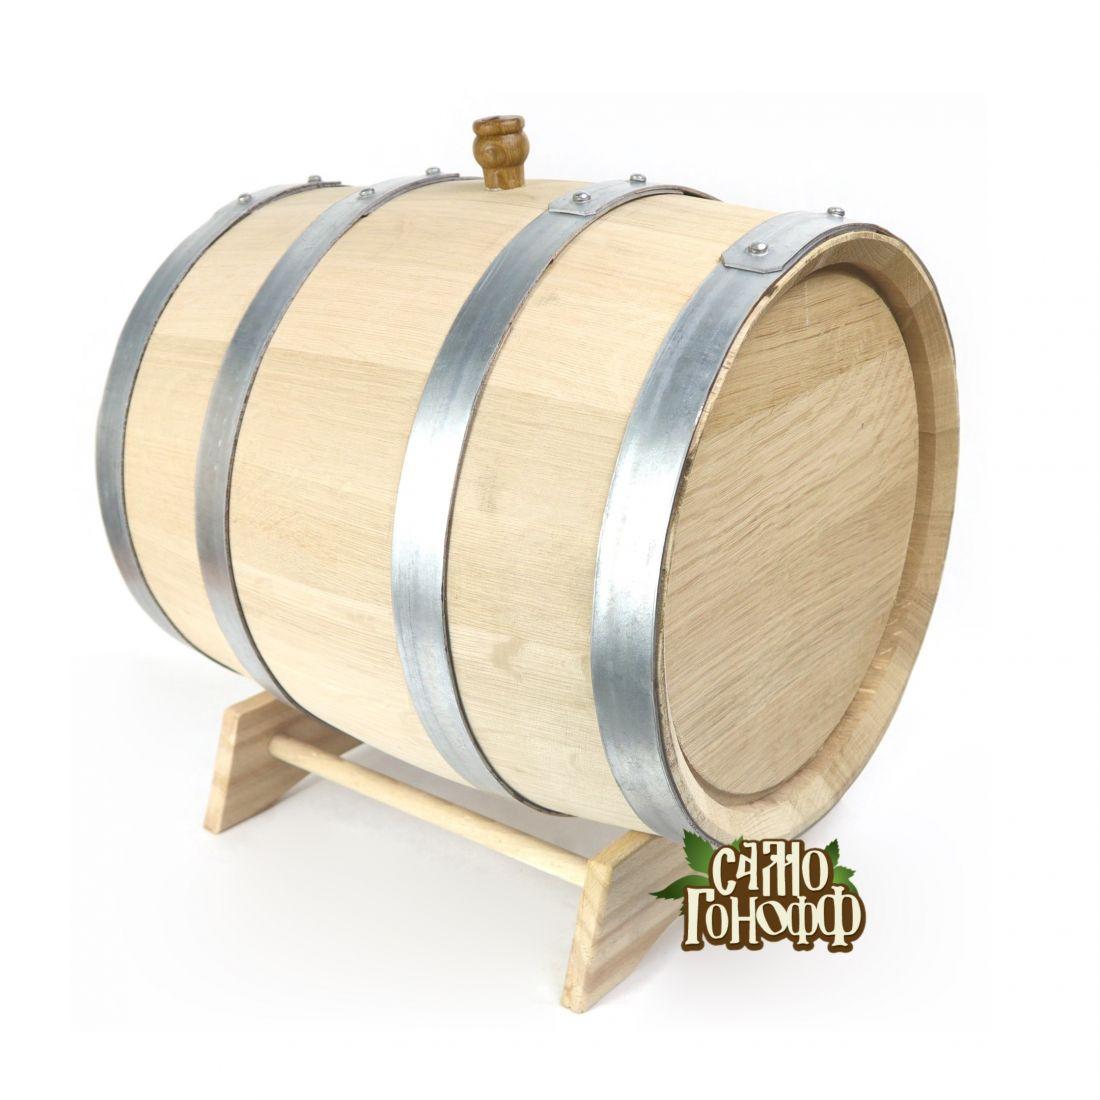 Бочка из колотого кавказского дуба терруарной сушки, 30 литров